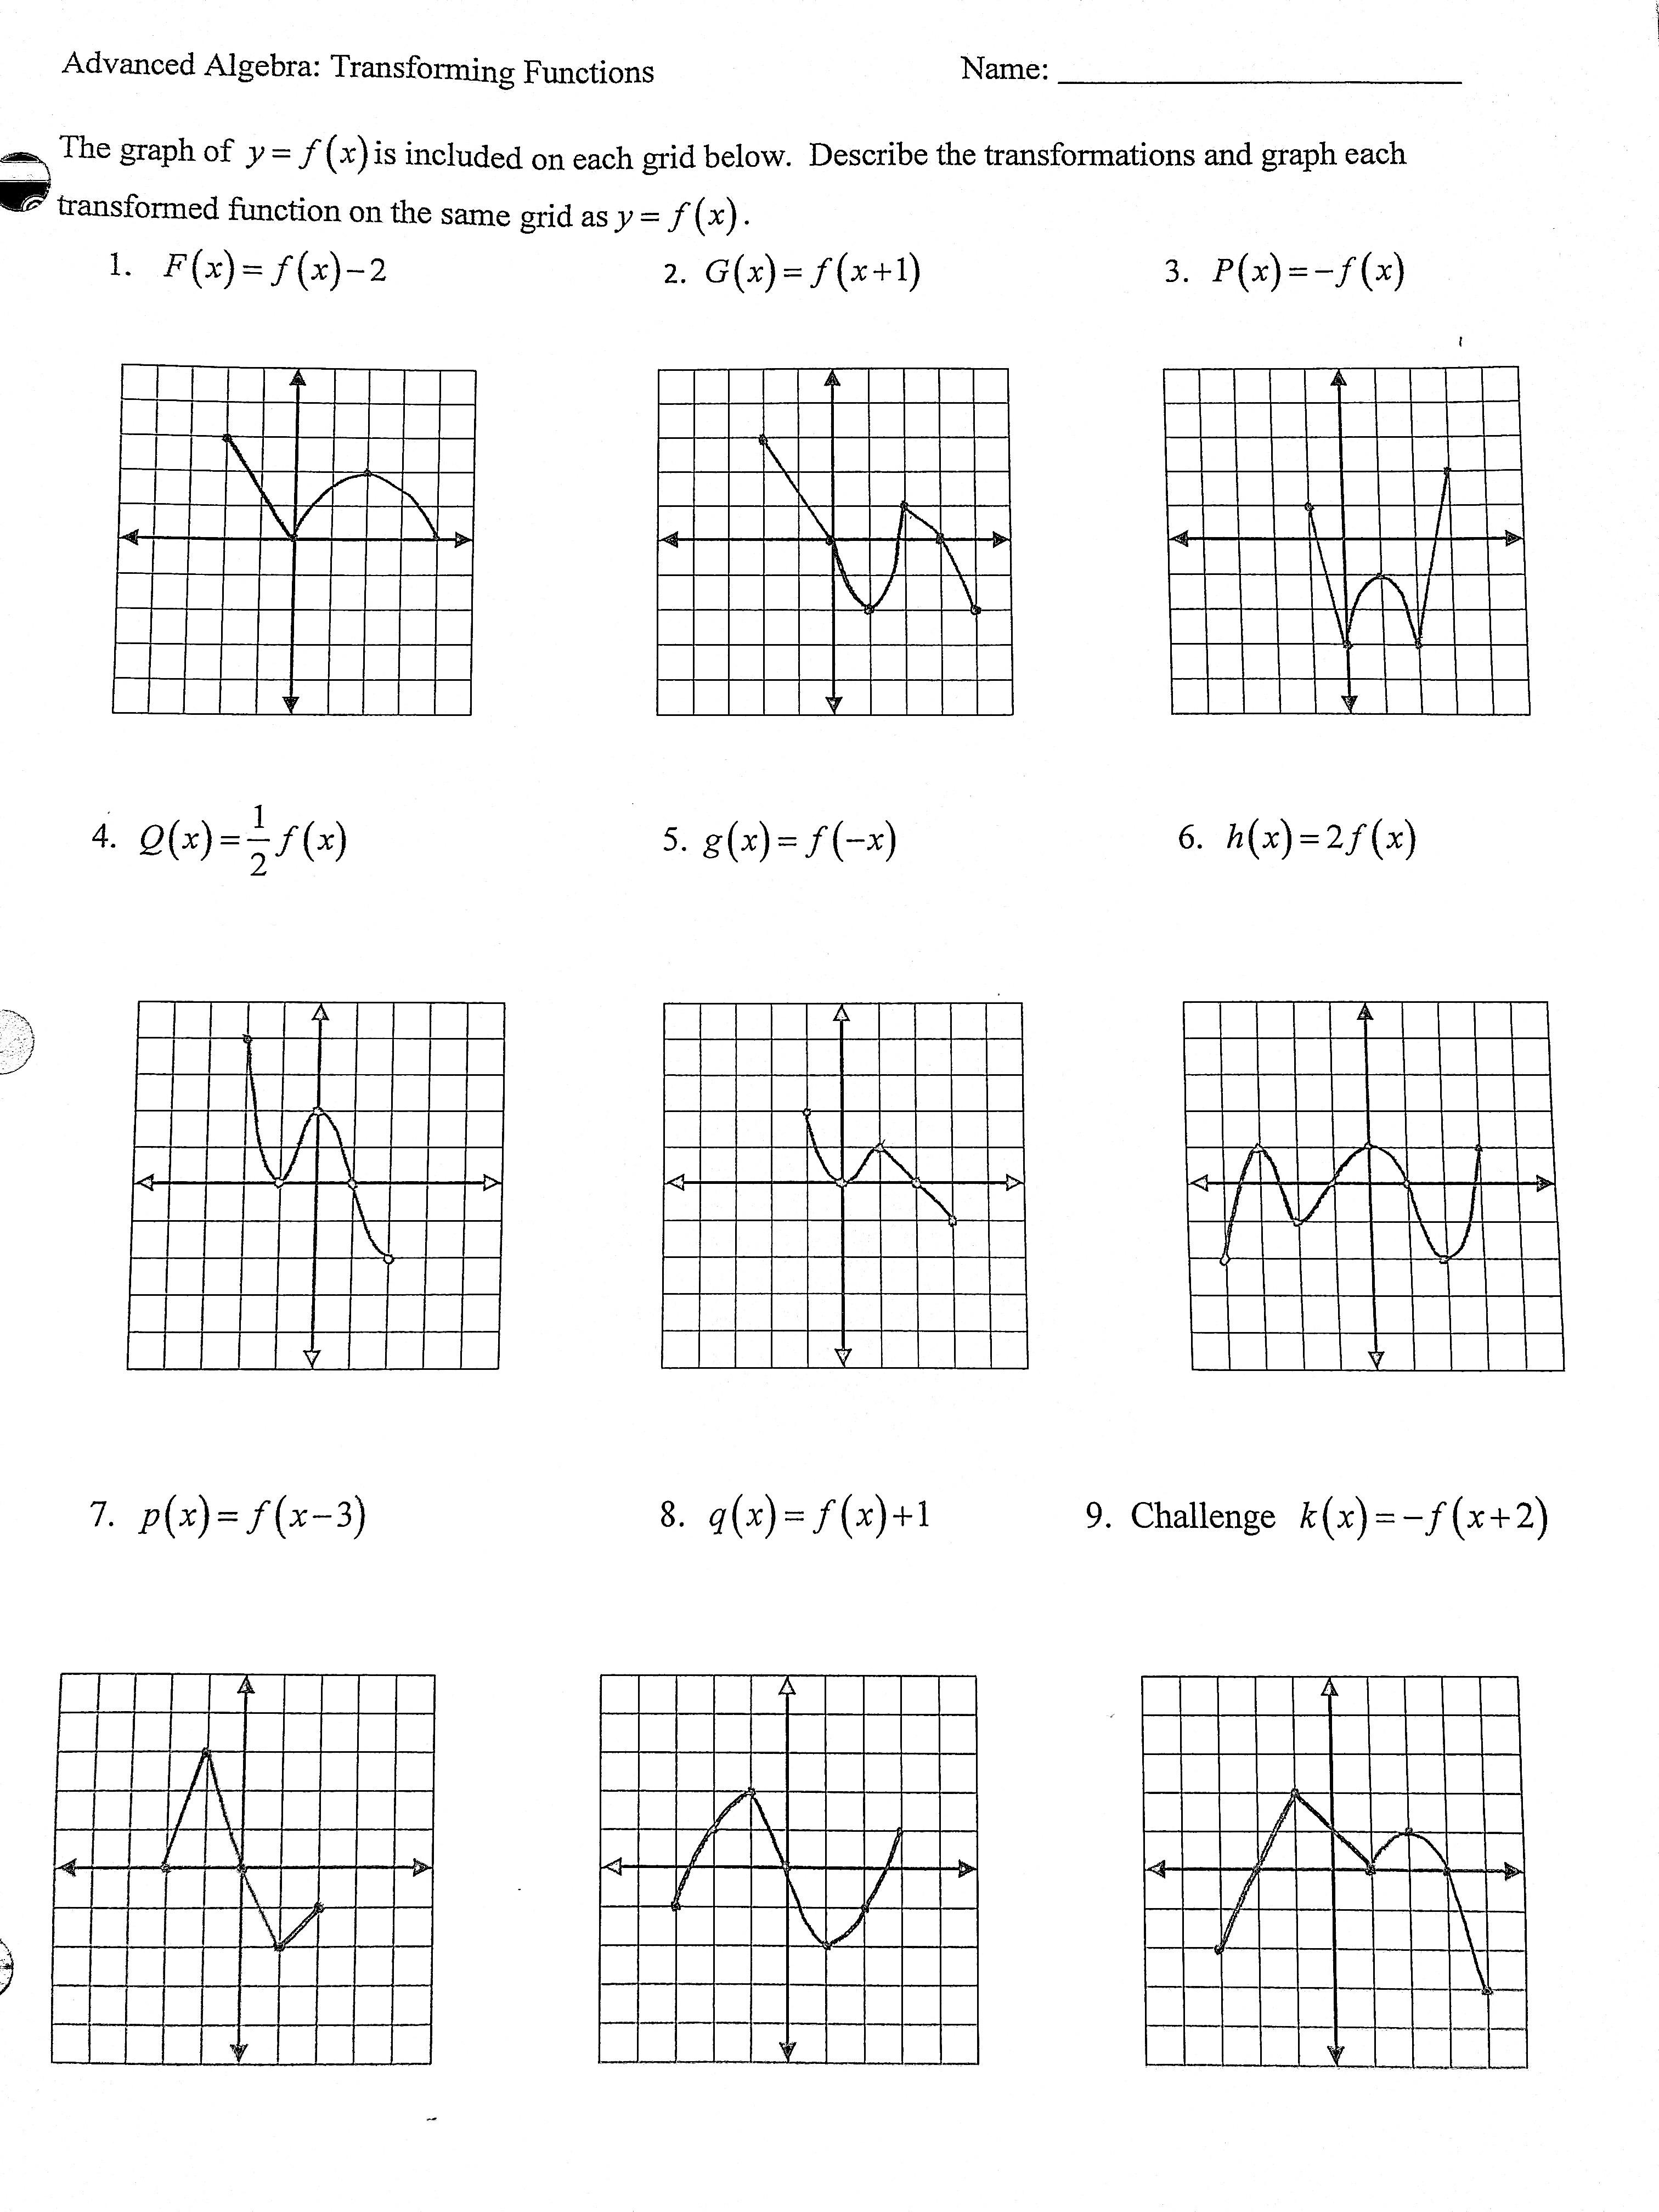 Heard Grace Adv Algebra